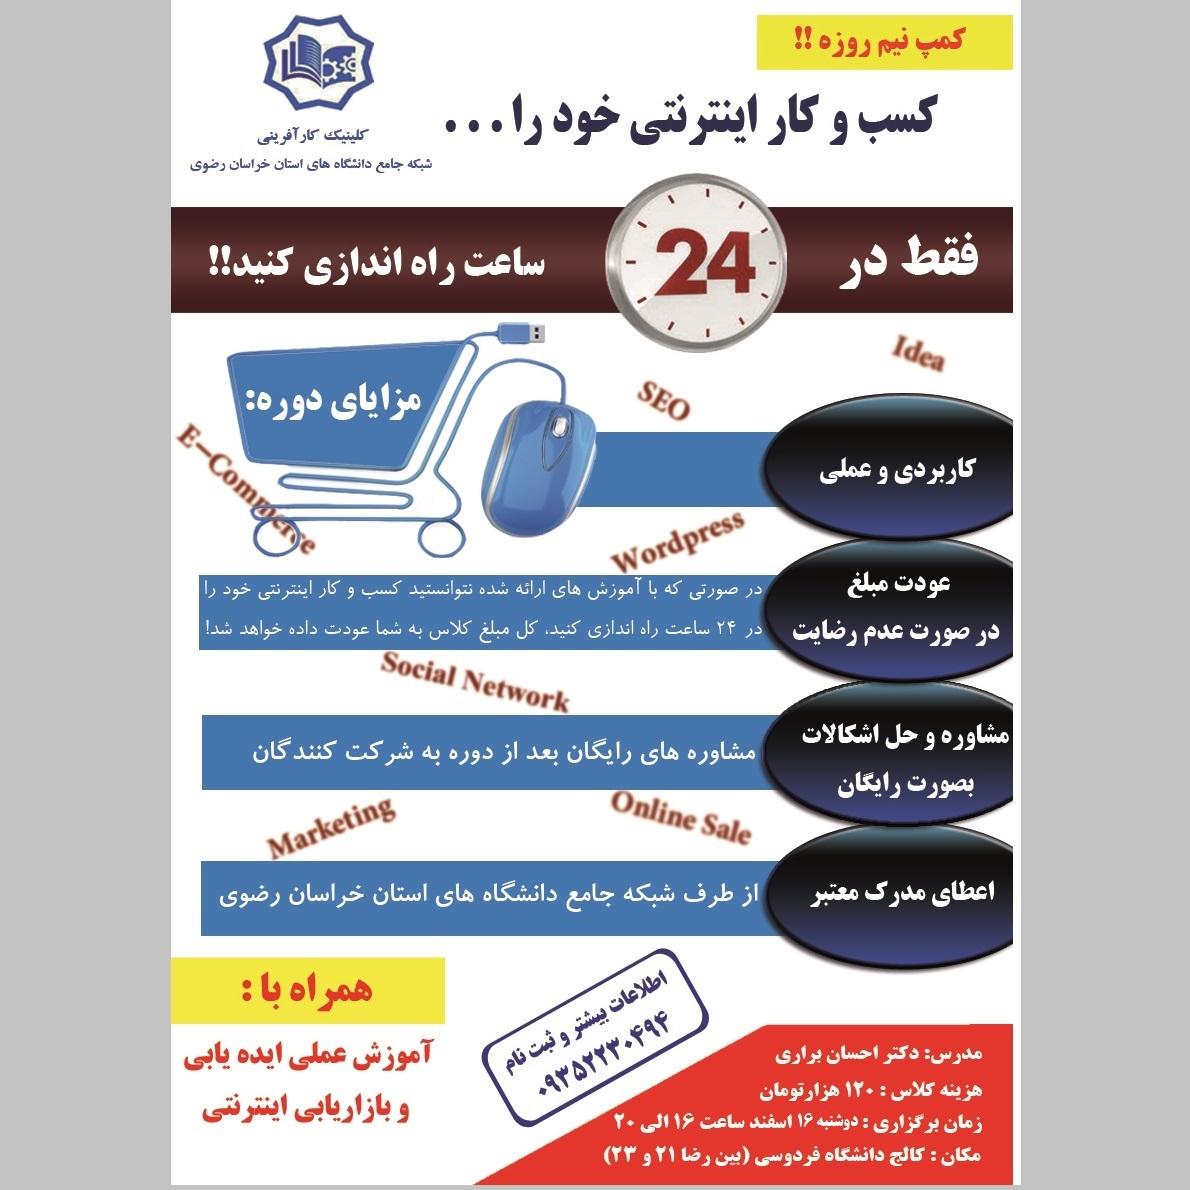 کمپ نیم روزه راه اندازی کسب و کار اینترنتی